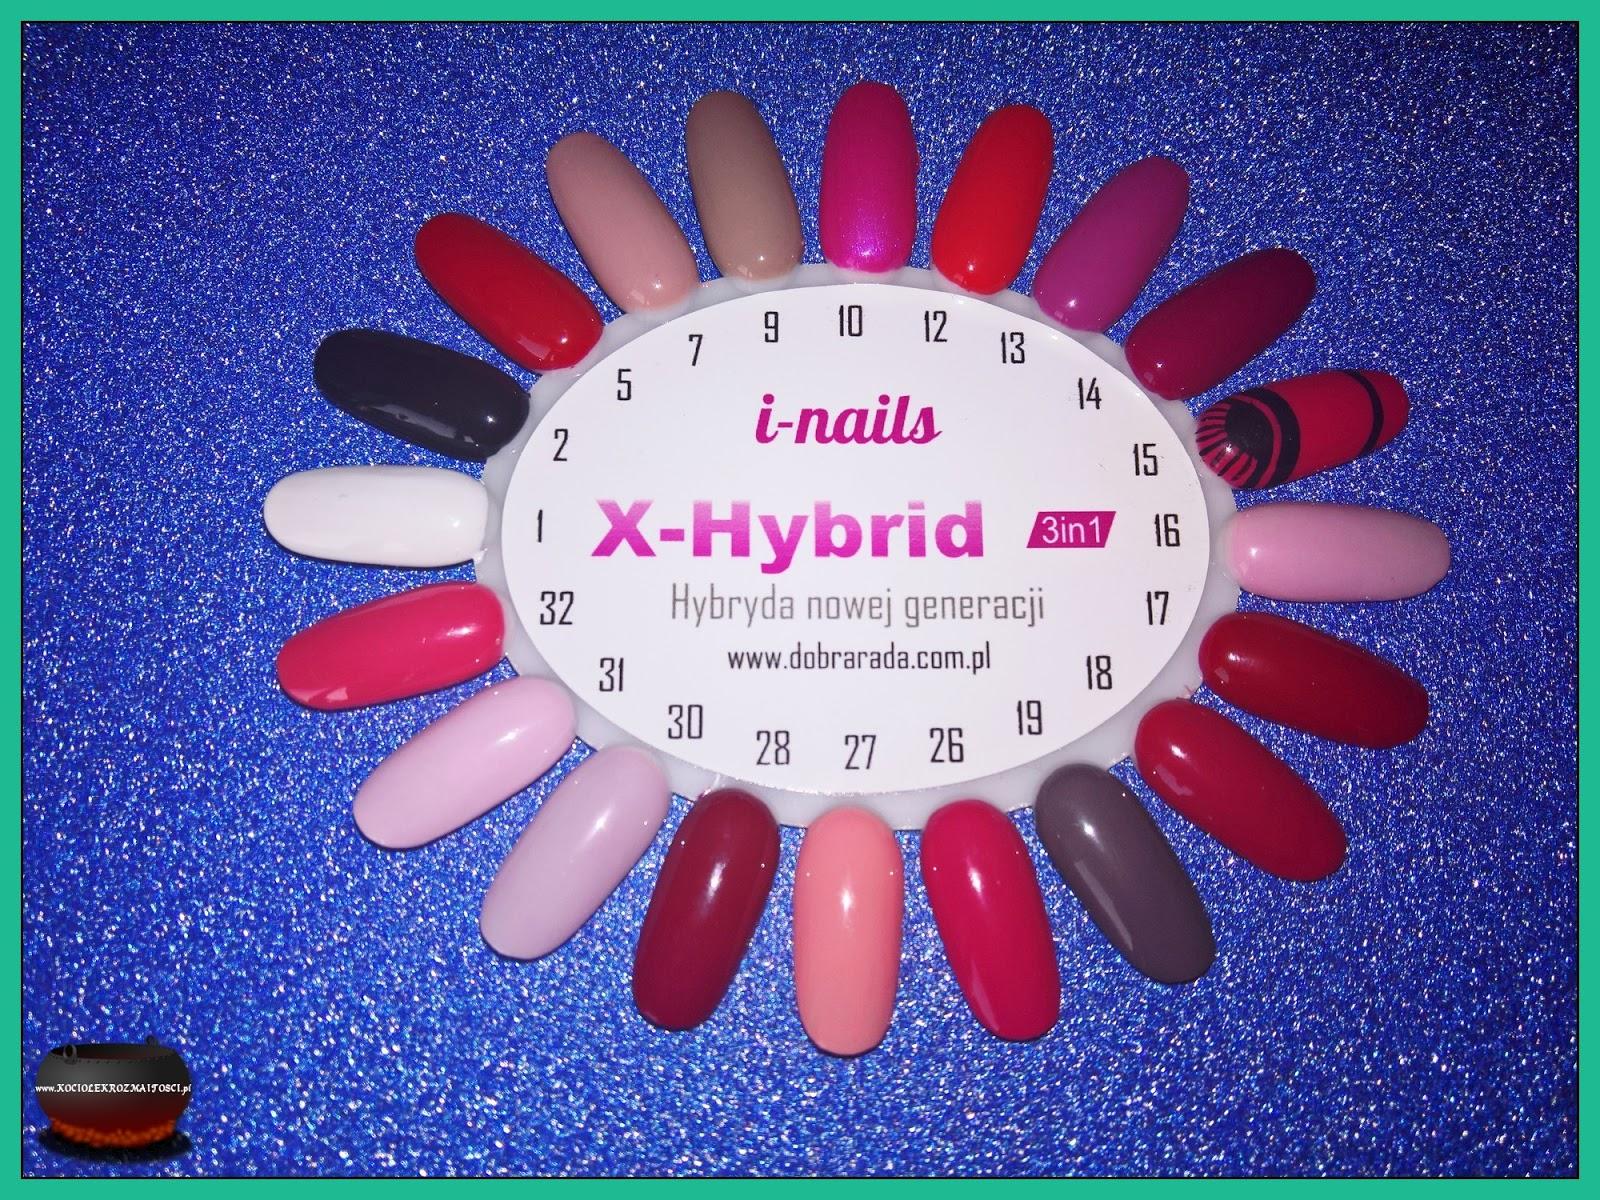 x-hybrid kolory